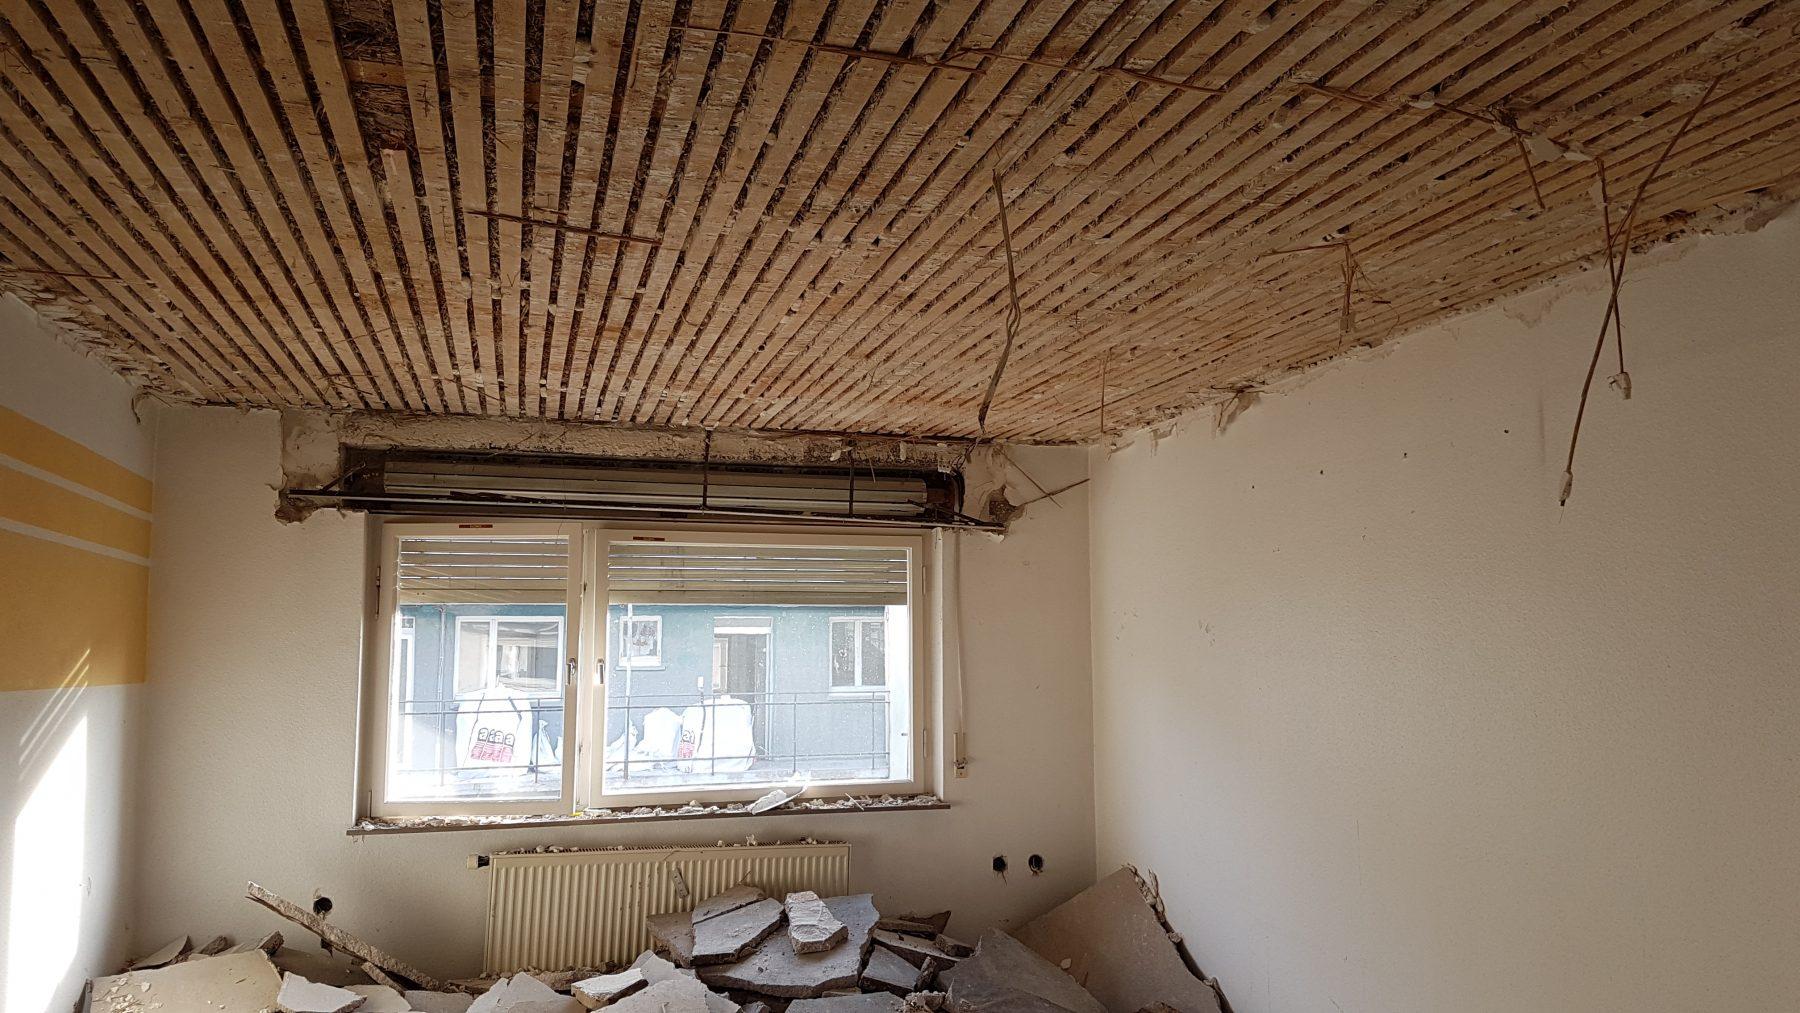 20190220 155249 e1551356287899 - Neubau: Unser Phönix im Eichendorffweg